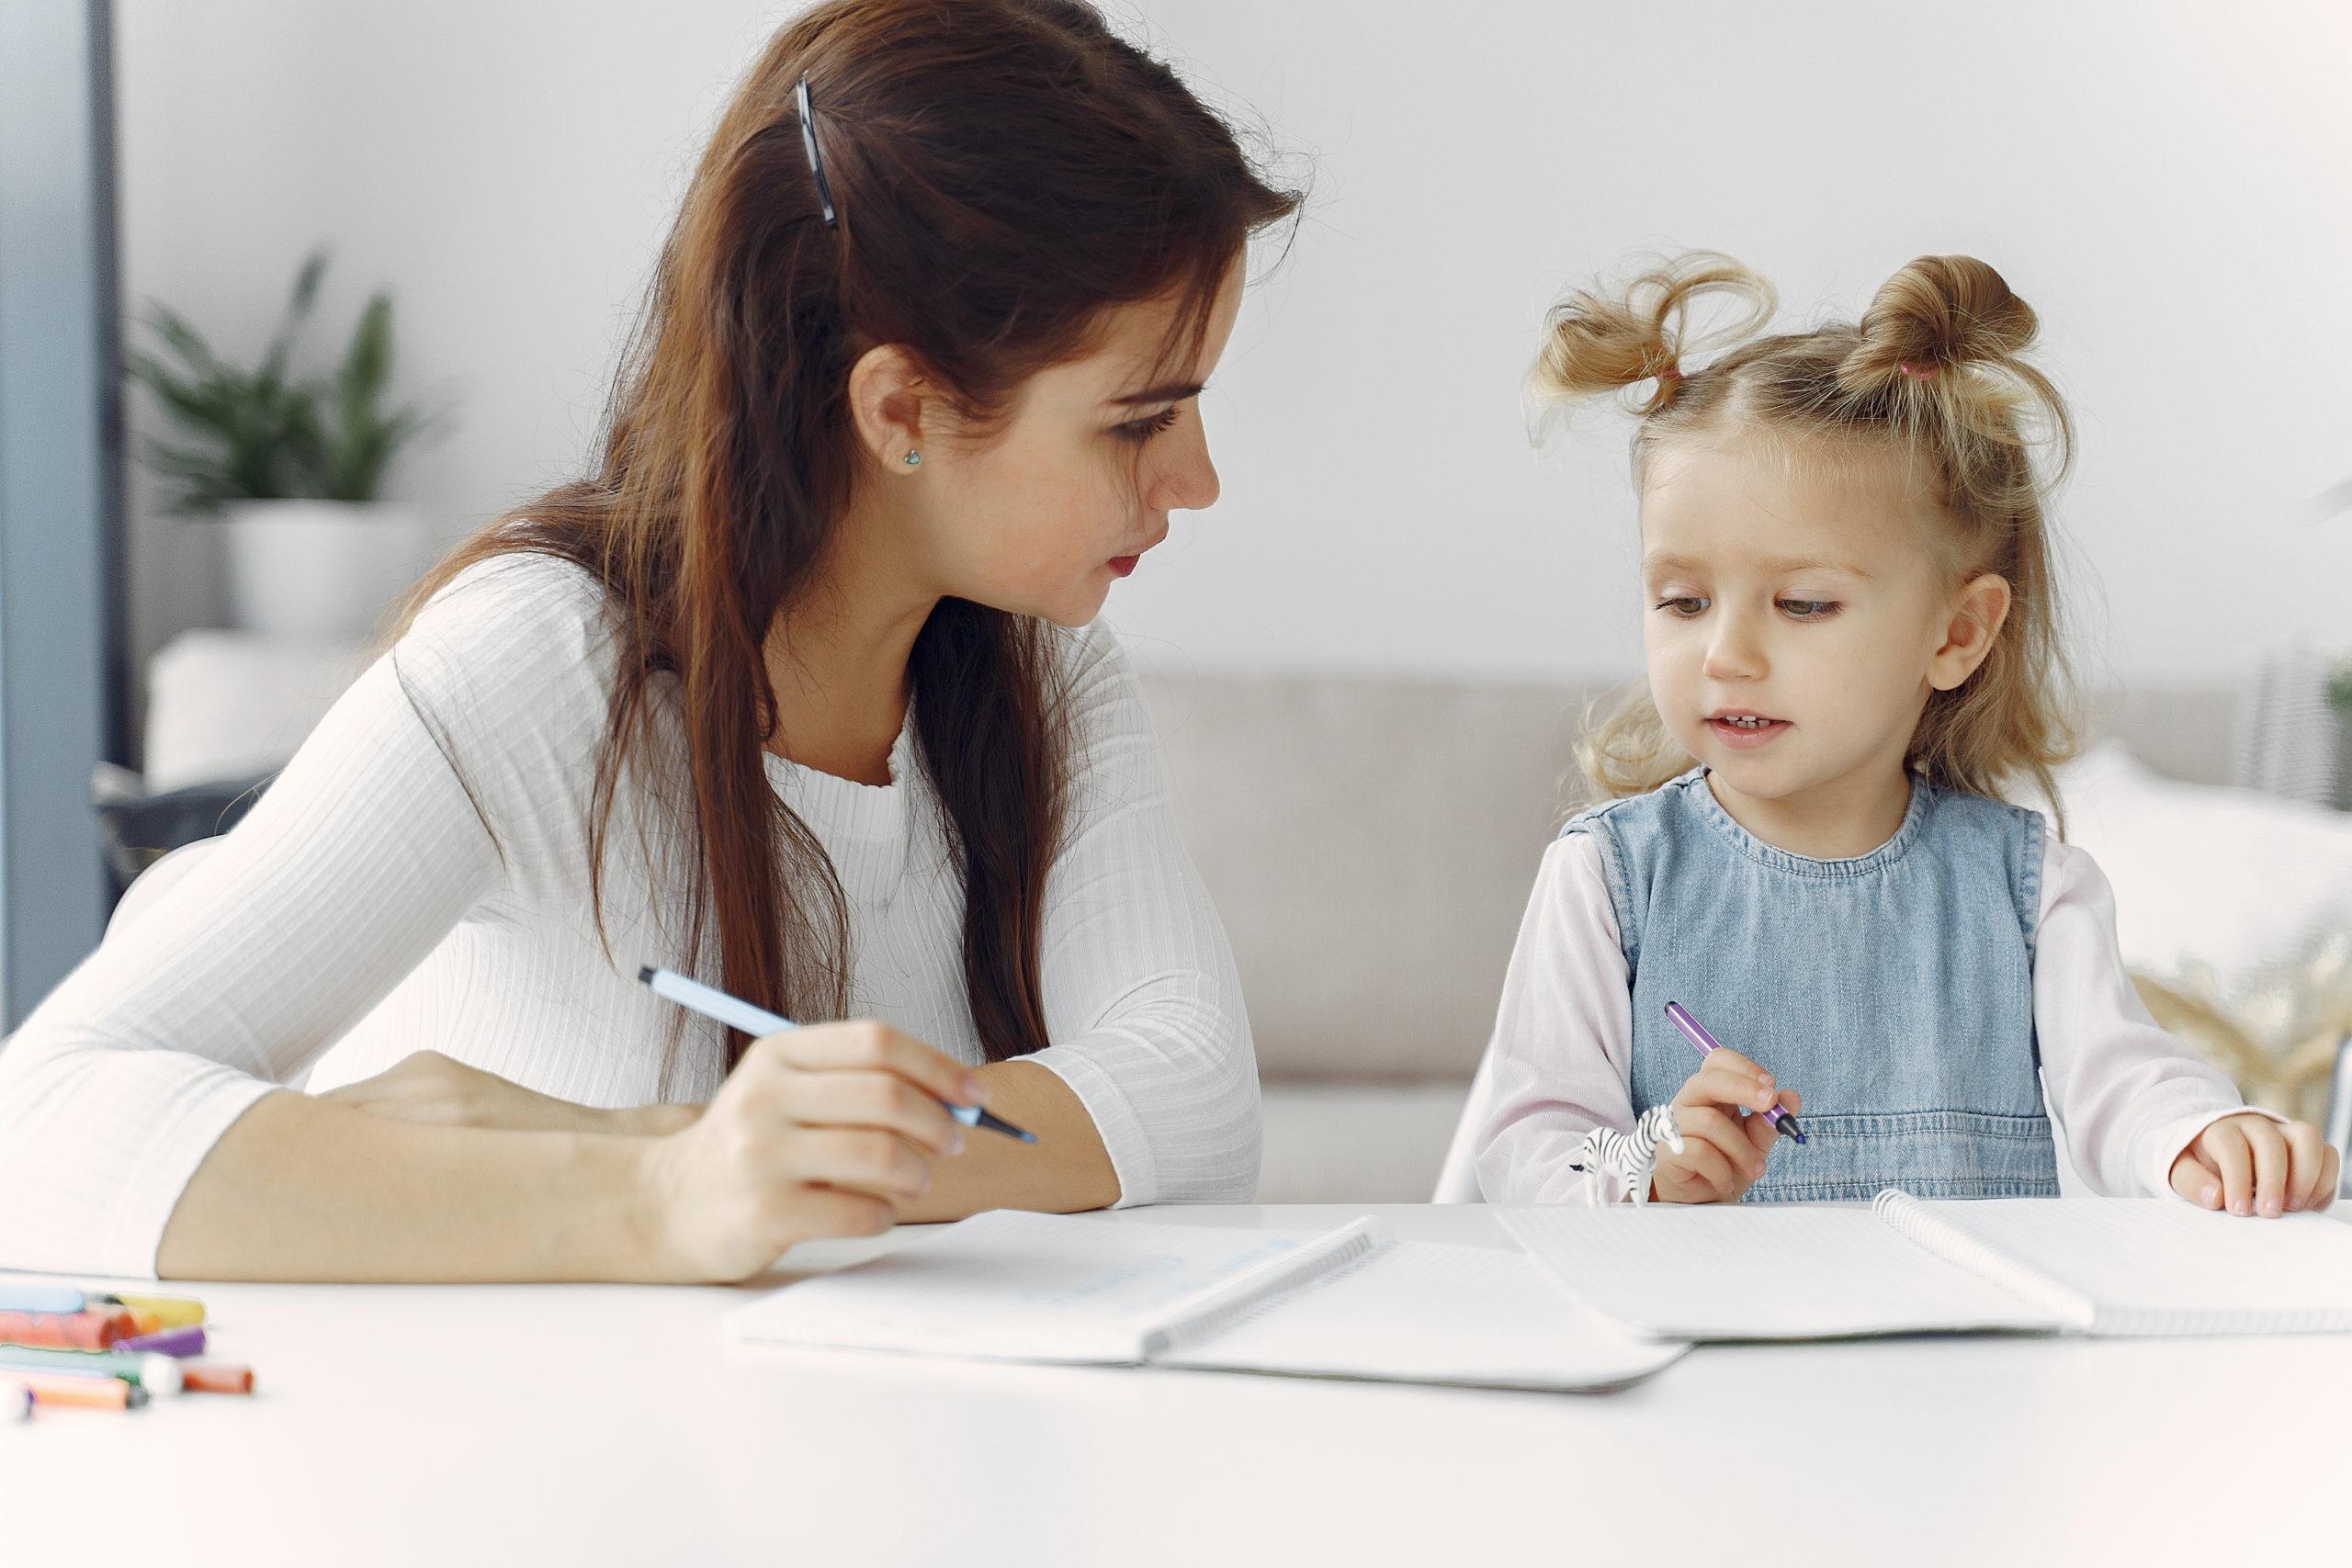 女の子に勉強を教える成人女性